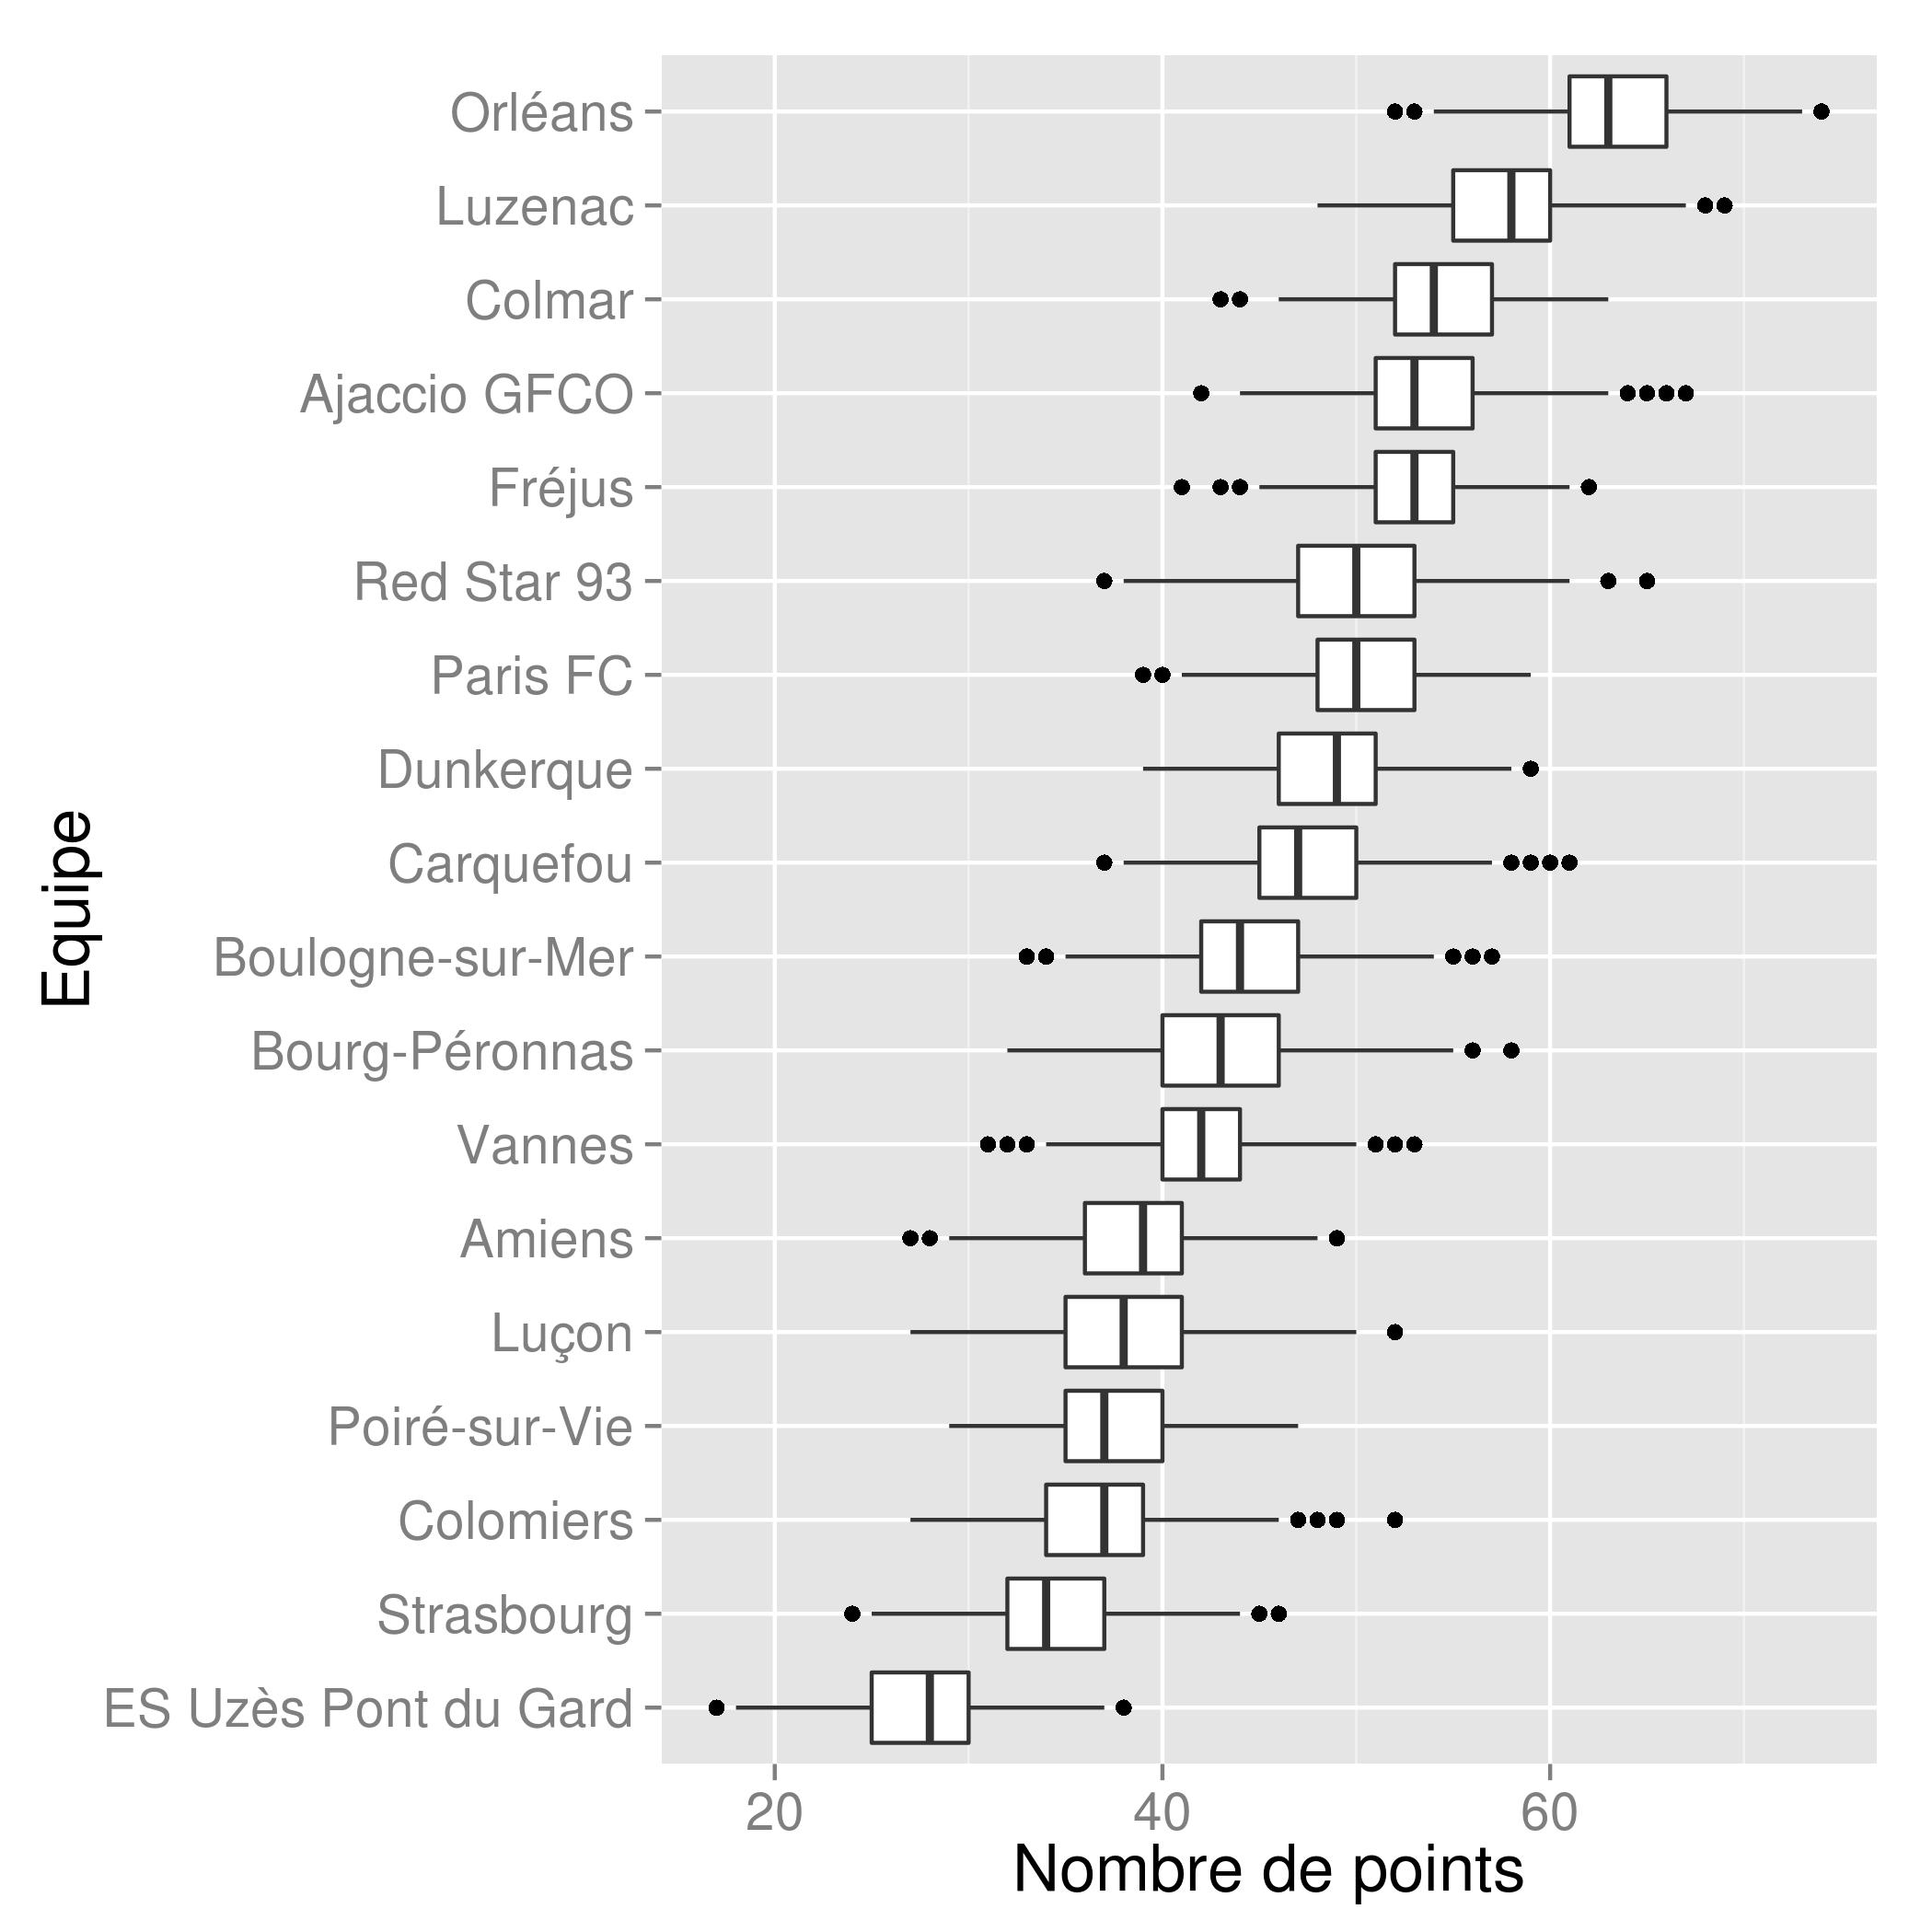 Graphe boîtes à moustache de simulations de fin de championnat en tenant compte les 5 dernières journées jouées. (Graphe JPDarky)